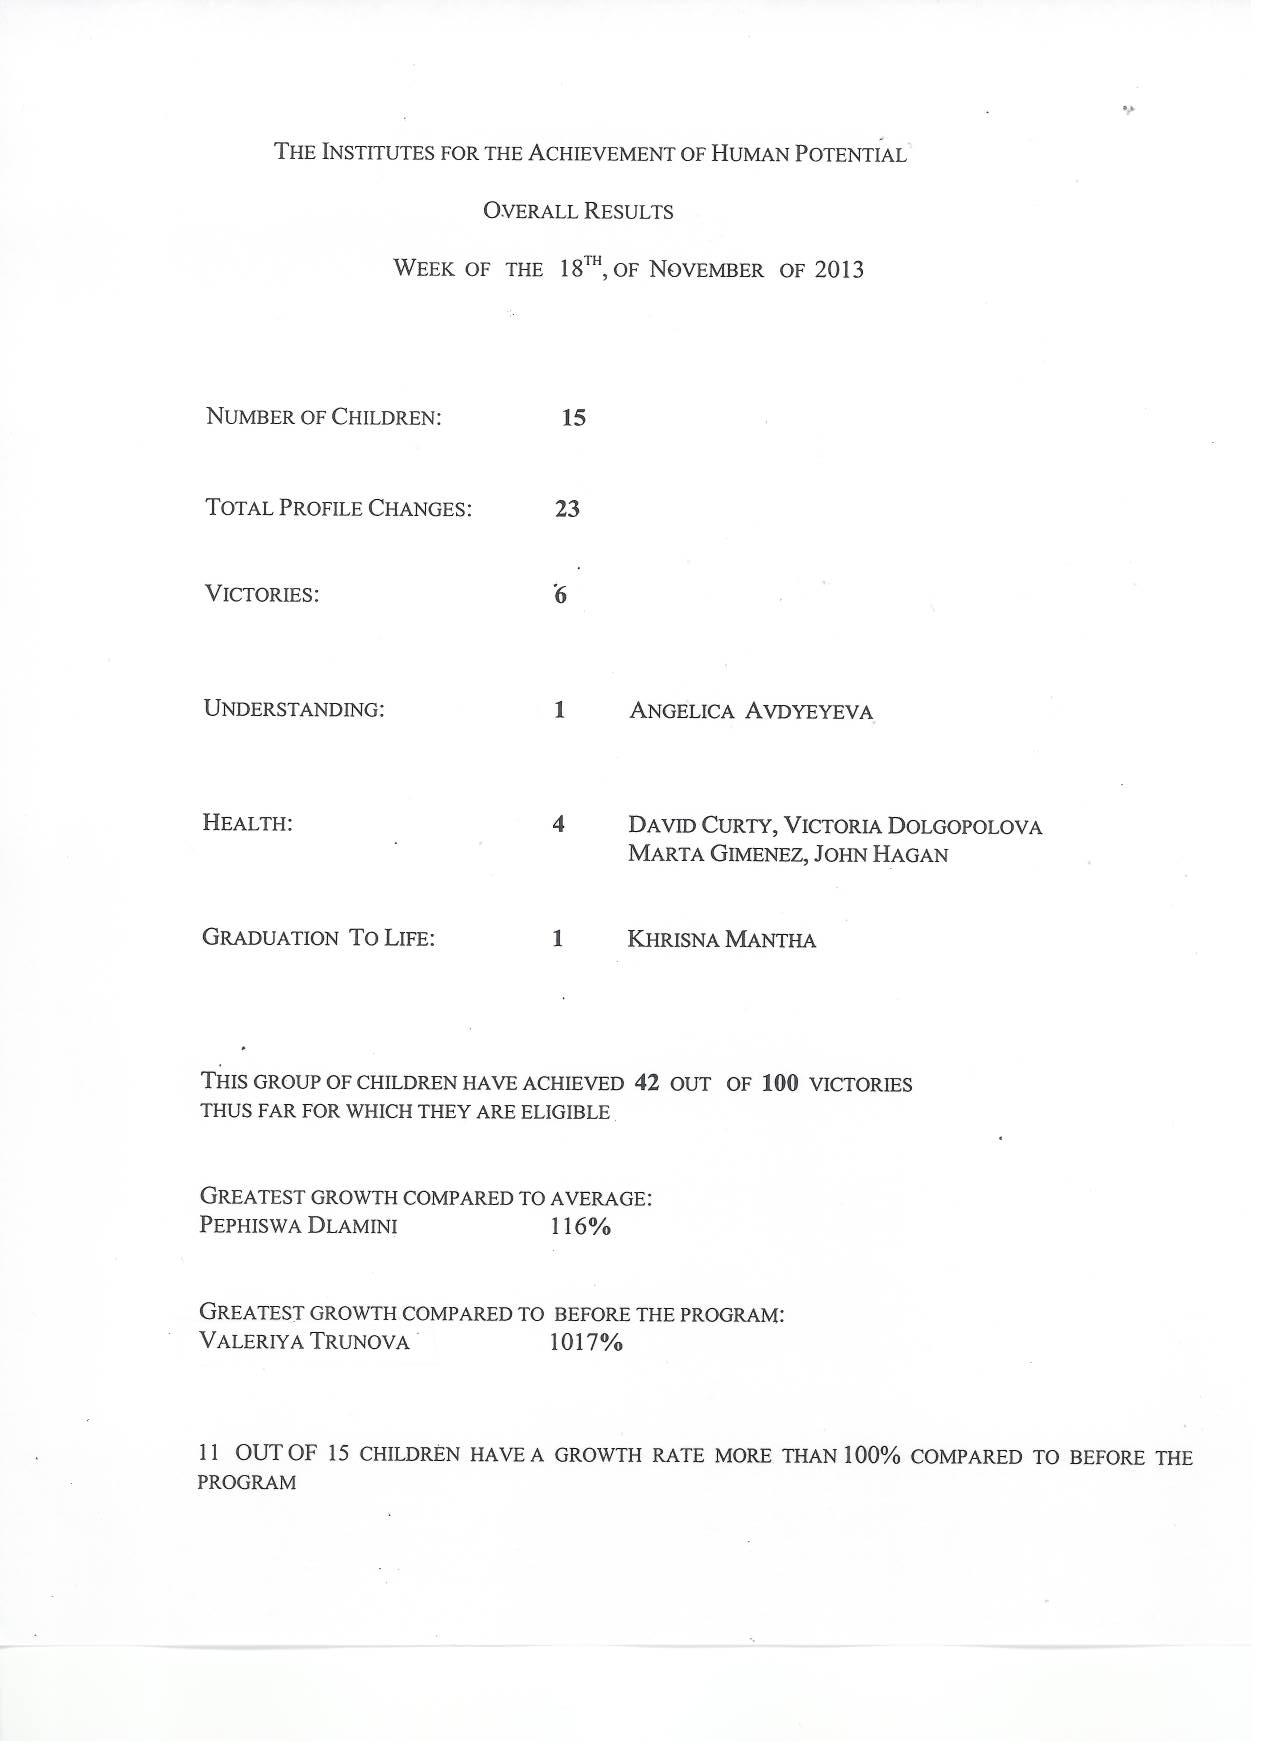 Результаты детей на программе Институтов